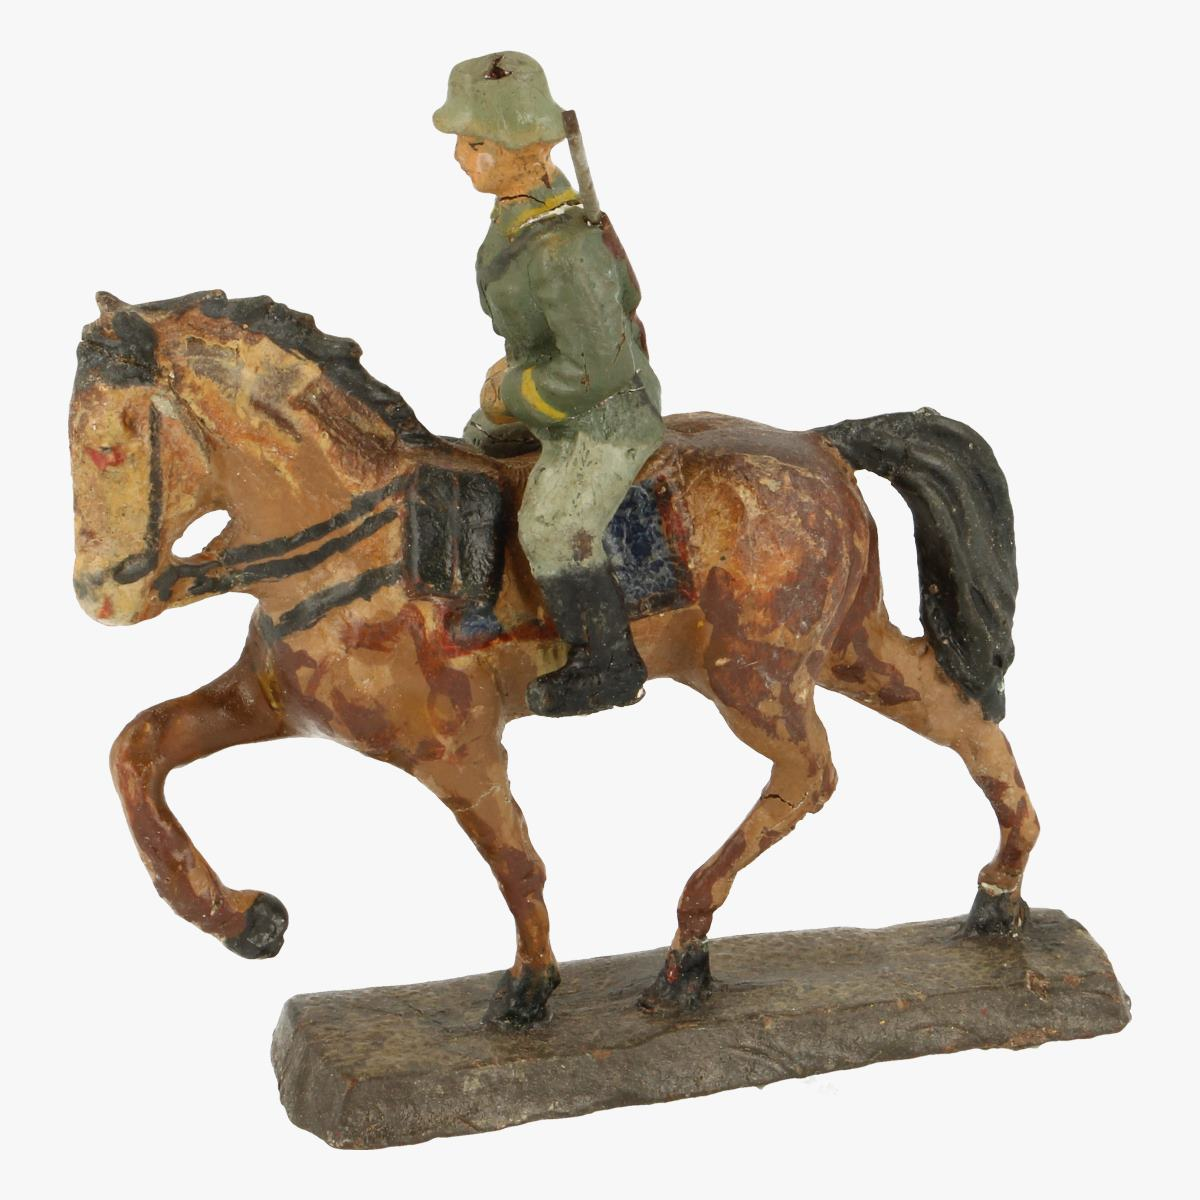 Afbeeldingen van Elastolin soldaatje met paard merk Elastolin Germany